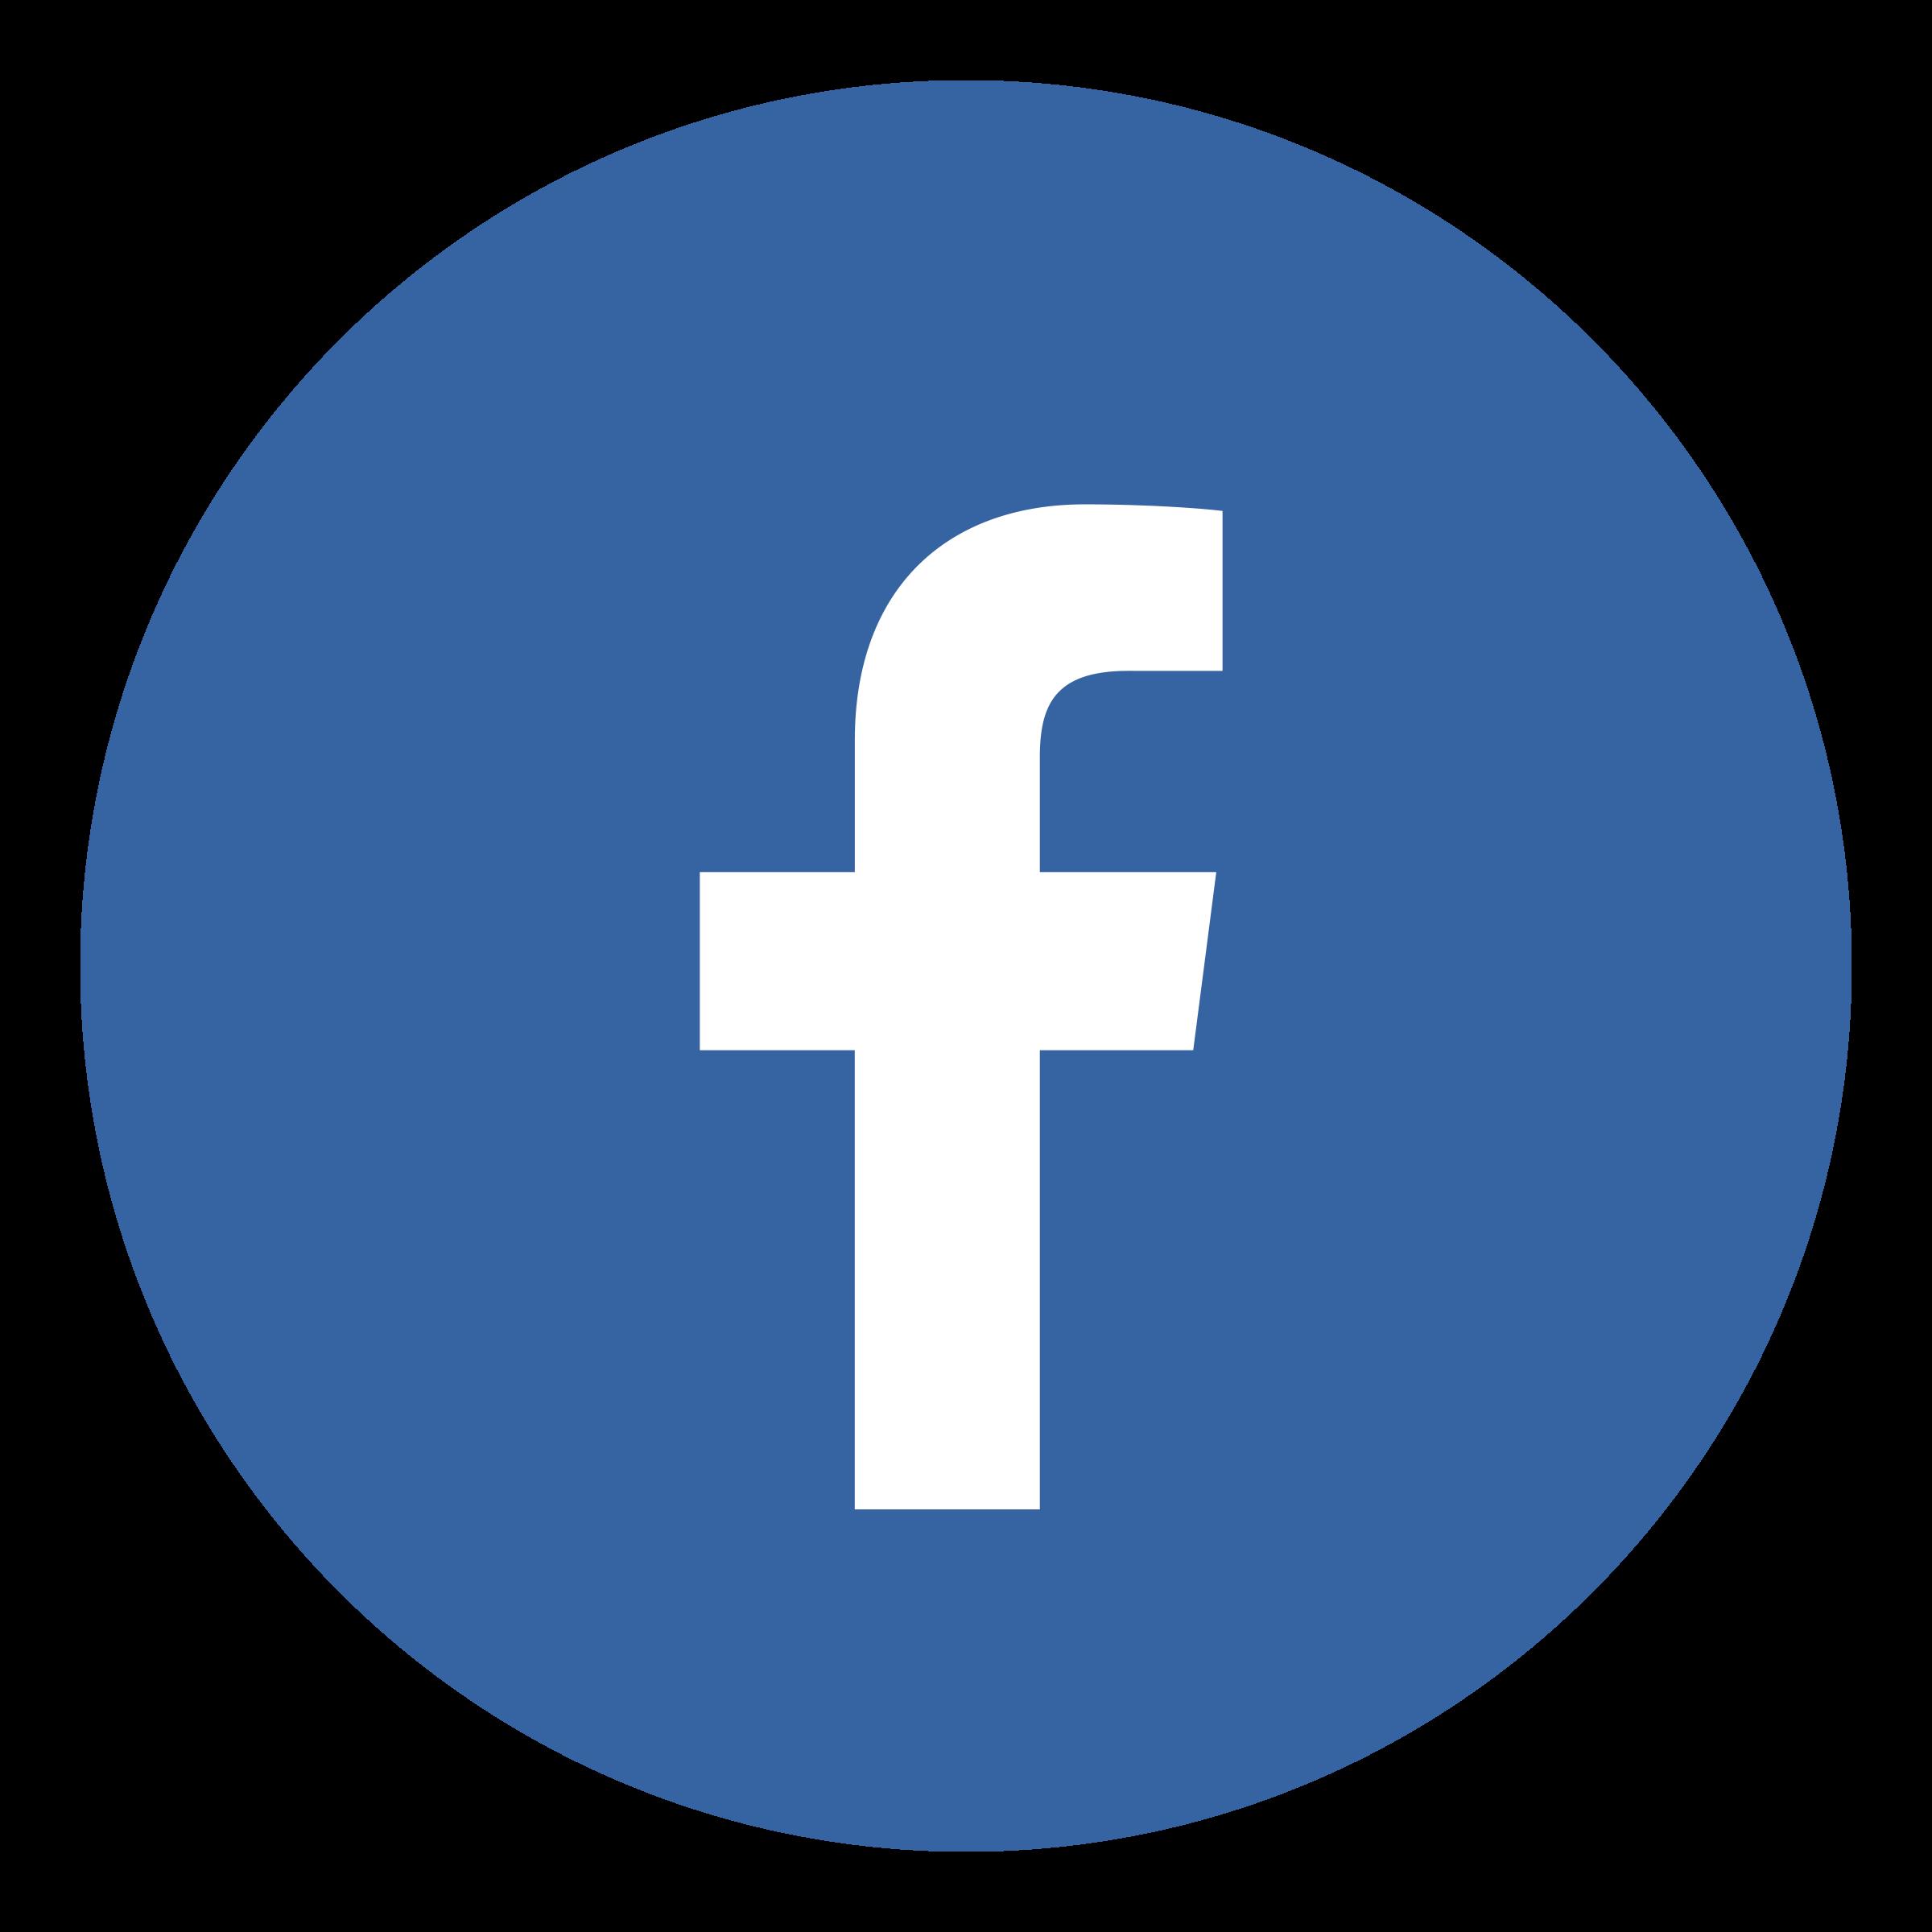 Facebook Logo PNG Transparent & SVG Vector - Freebie Supply